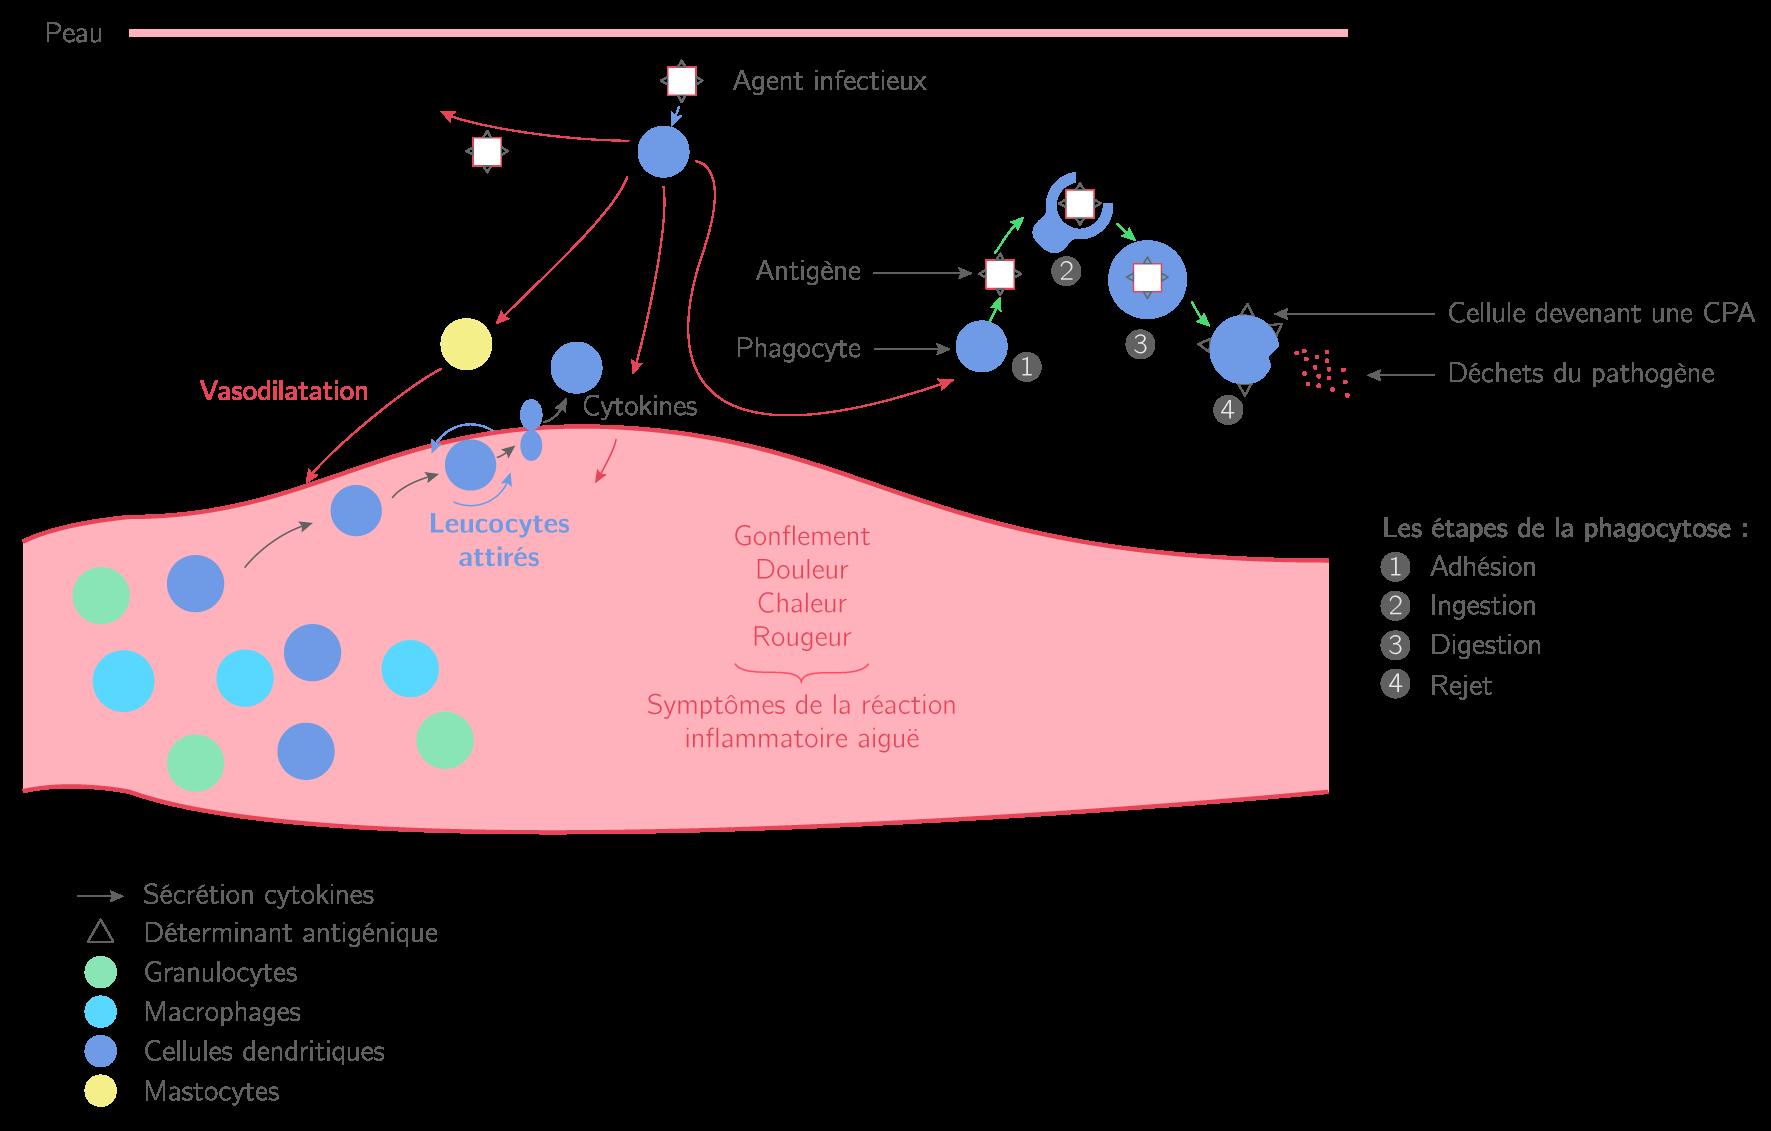 Les étapes de la réaction inflammatoire